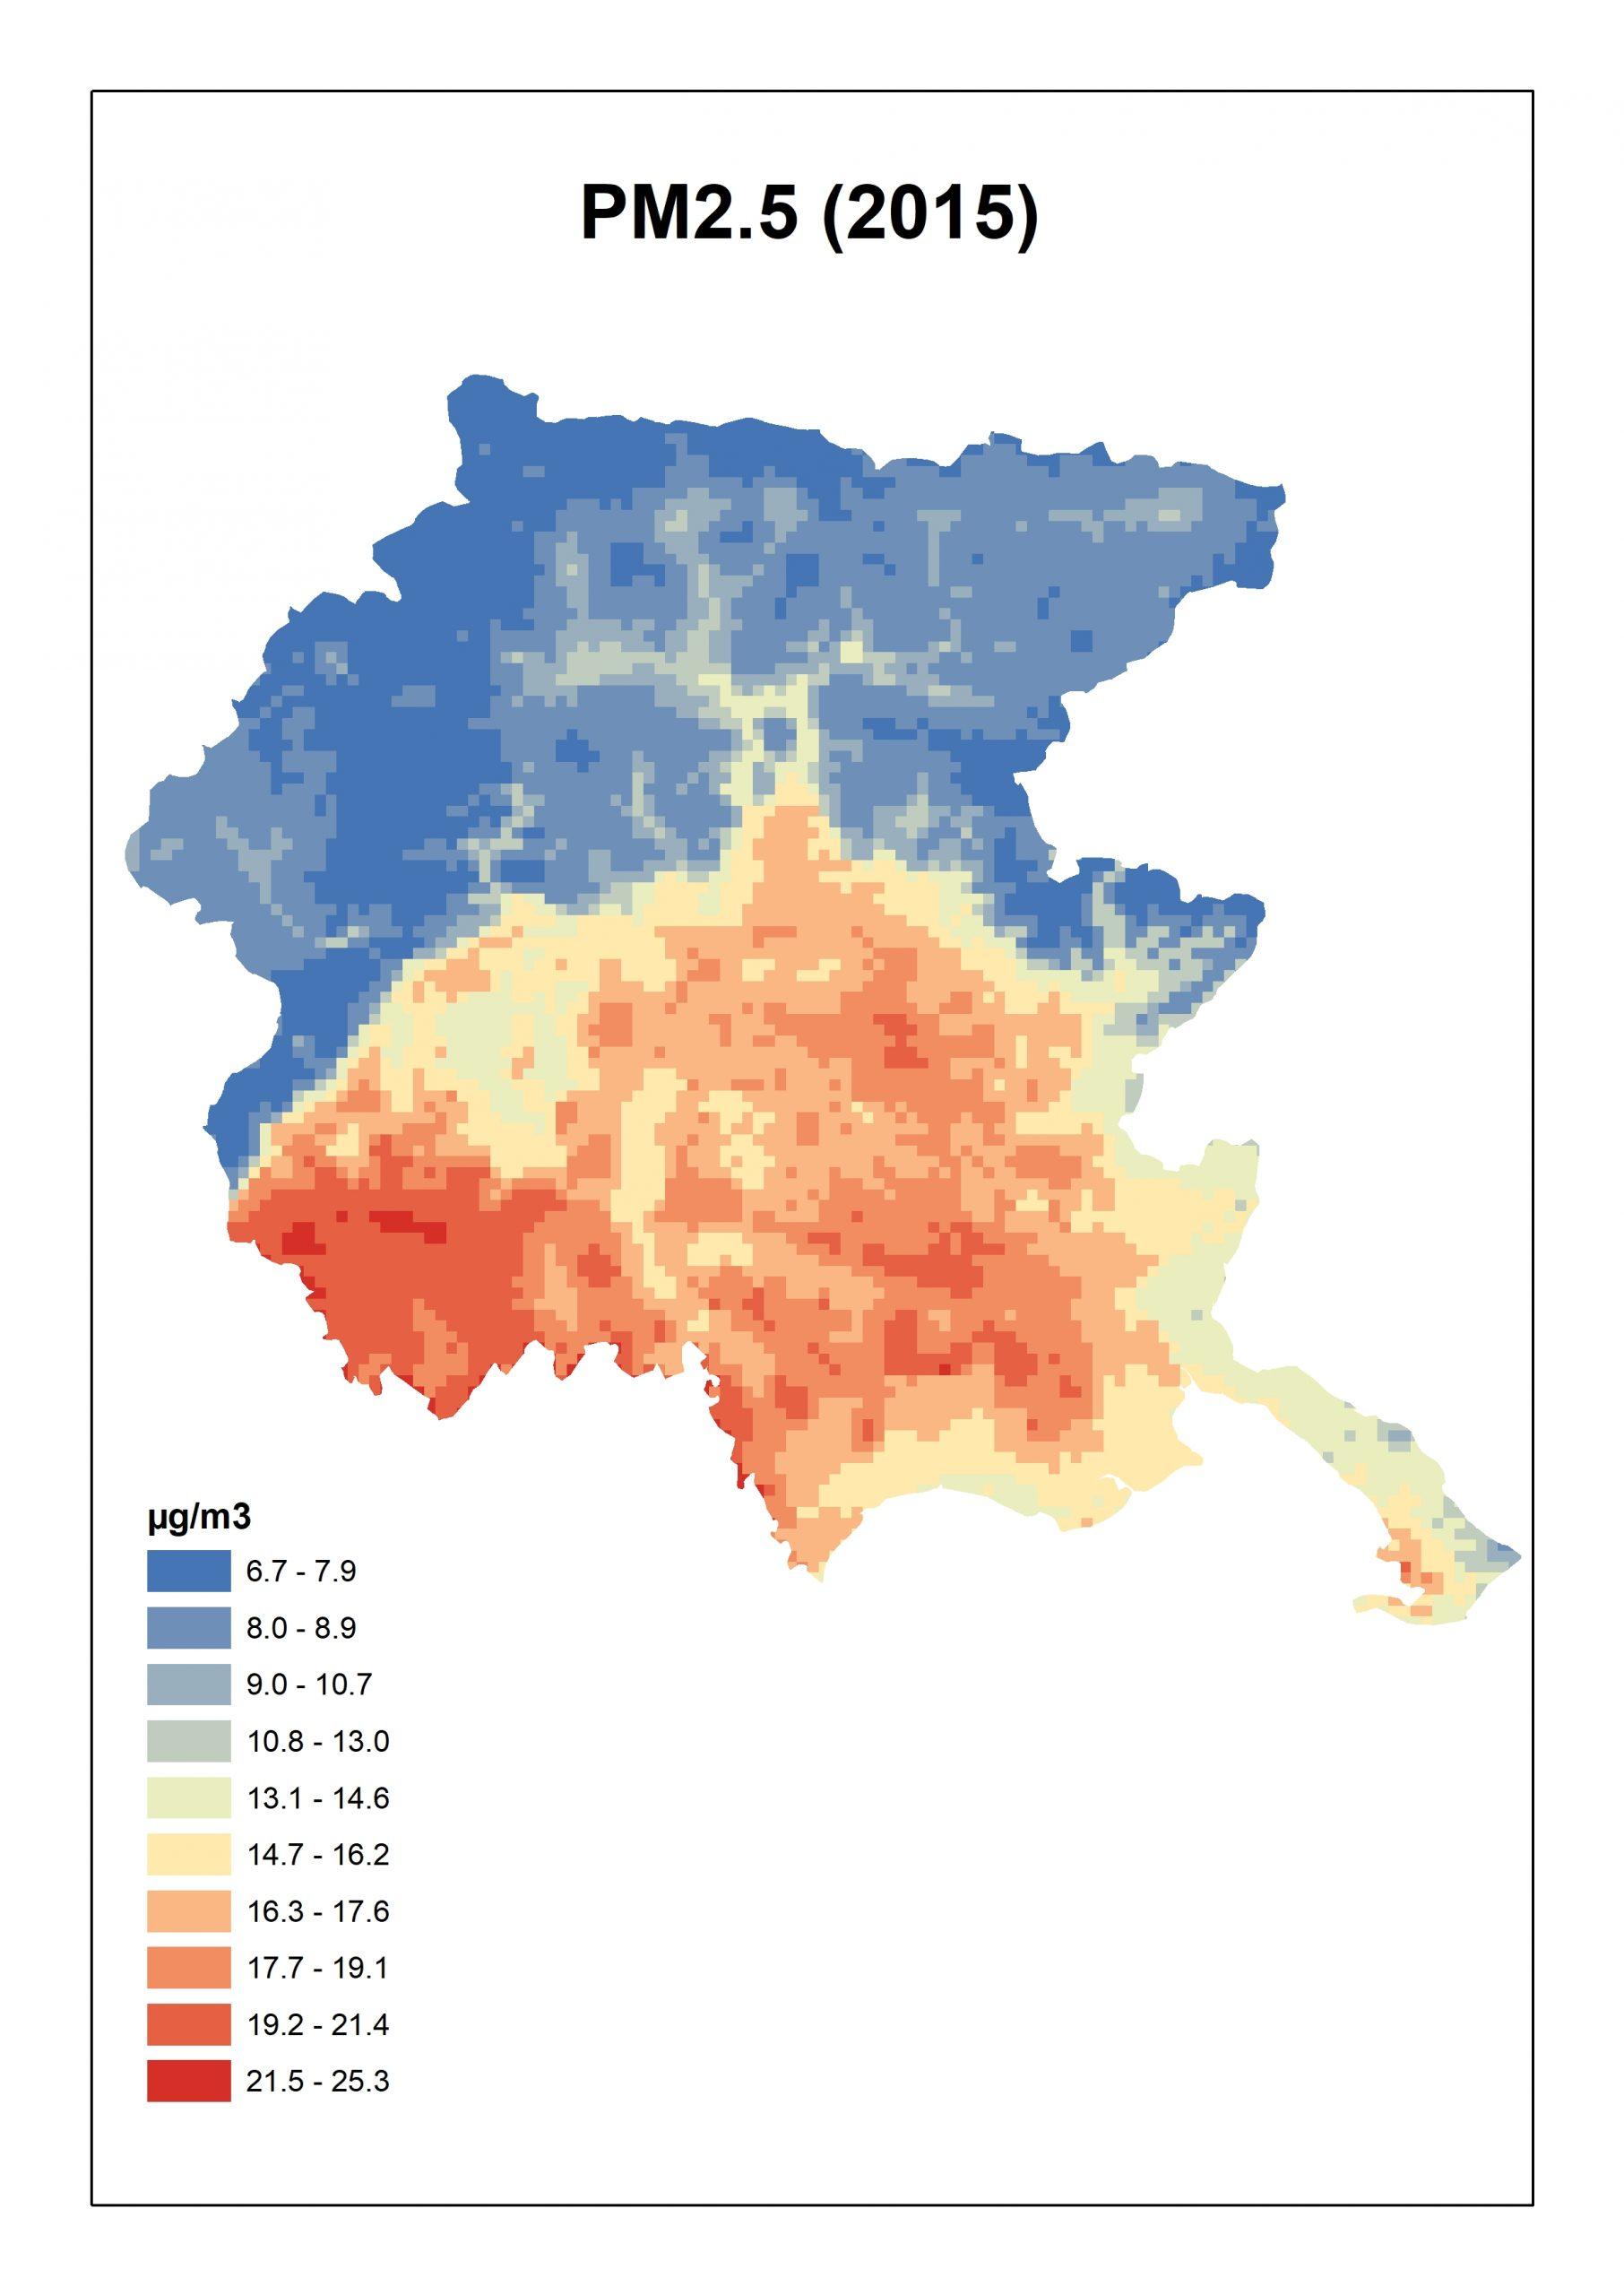 Figura 3. Concentrazioni stimate per il PM2.5 per il Friuli Venezia Giulia: media annua 2015.